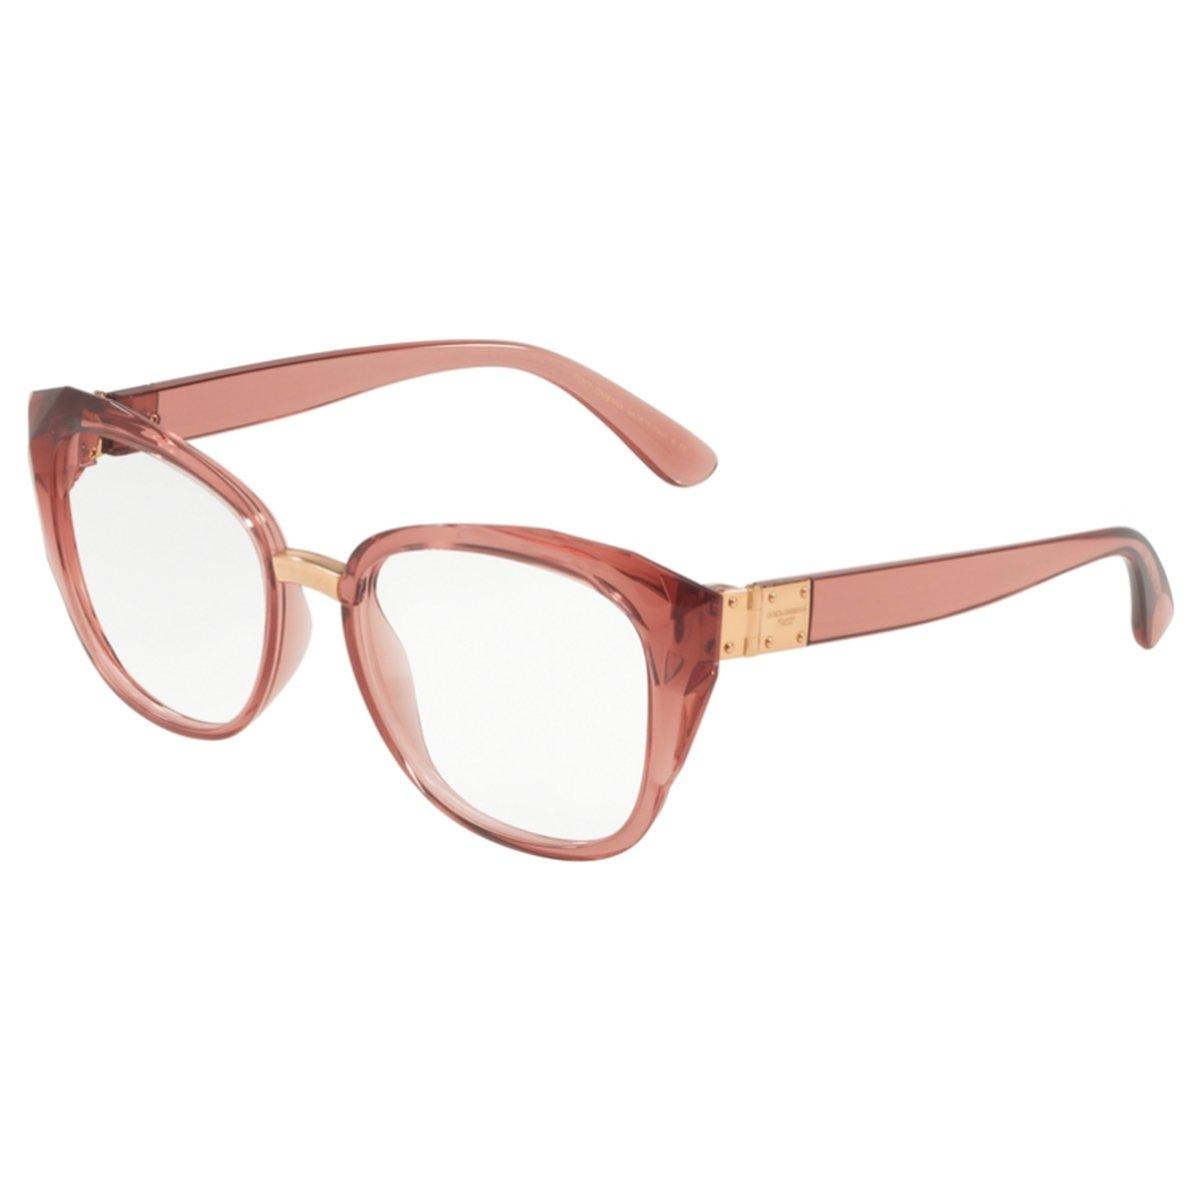 a64be006387c5 Compre Óculos de Grau Dolce   Gabbana em 10X   Tri-Jóia Shop